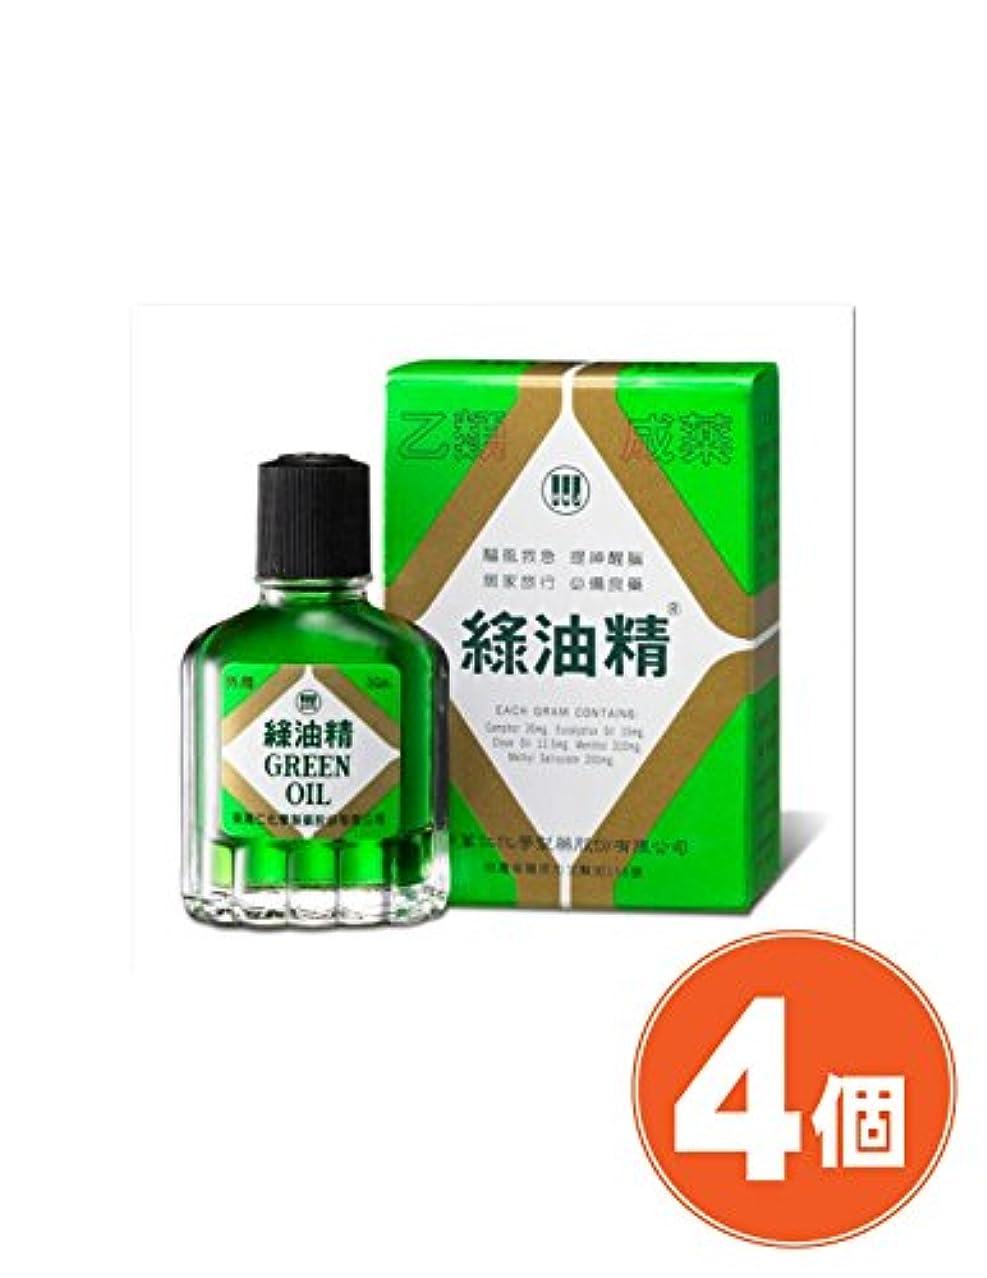 事故プロフェッショナル才能《新萬仁》台湾の万能グリーンオイル 緑油精 3g ×4個 《台湾 お土産》 [並行輸入品]